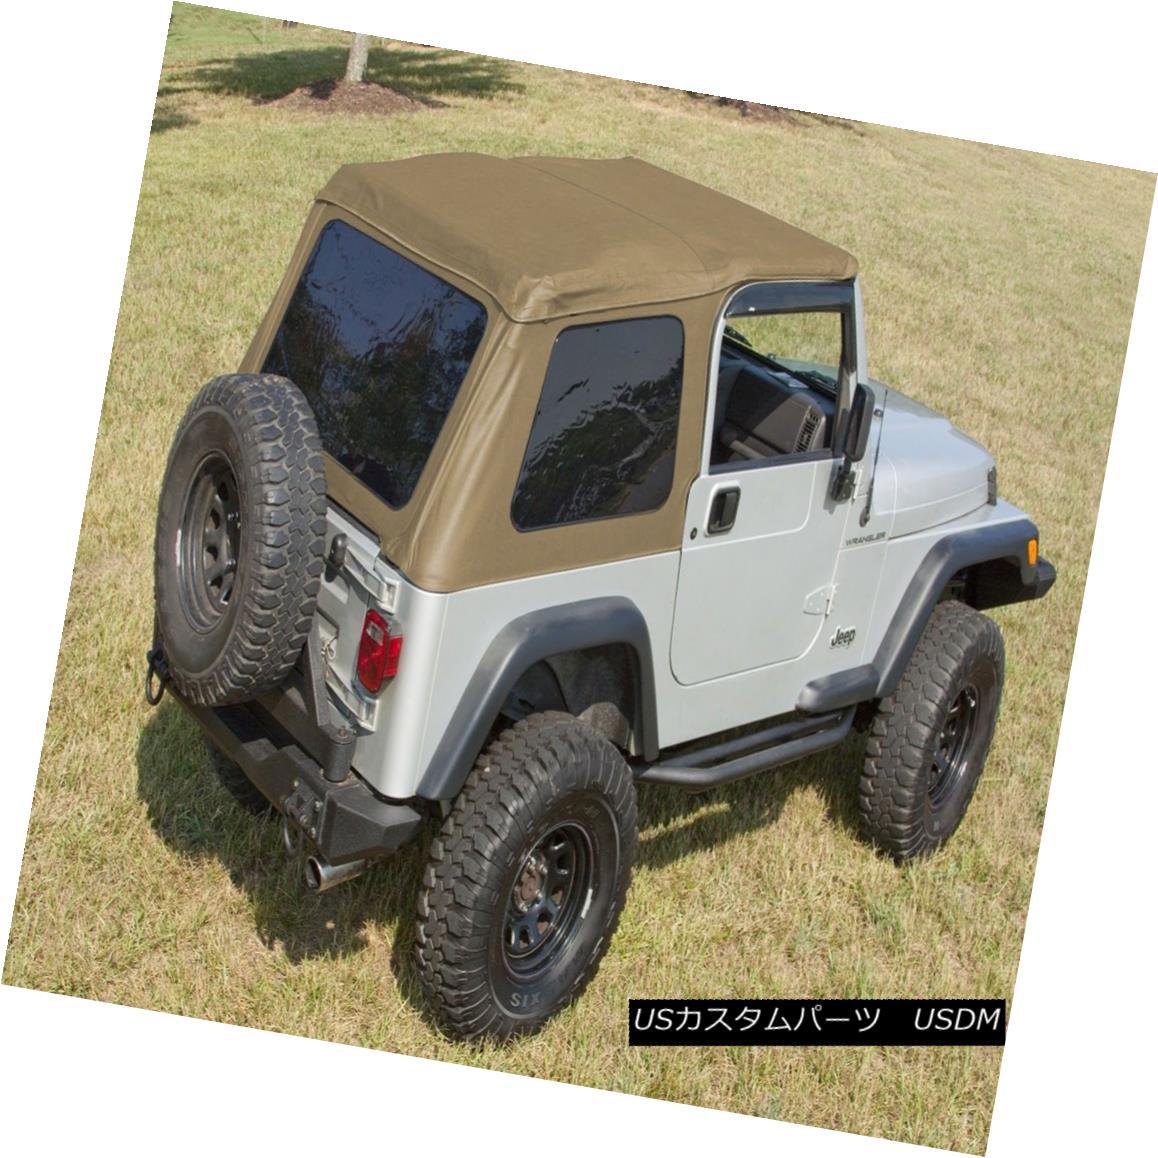 幌・ソフトトップ Rugged Ridge 13750.37 Soft Top Fits 97-06 Wrangler (TJ) Rugged Ridge 13750.37ソフトトップフィット97-06 Wrangler(TJ)